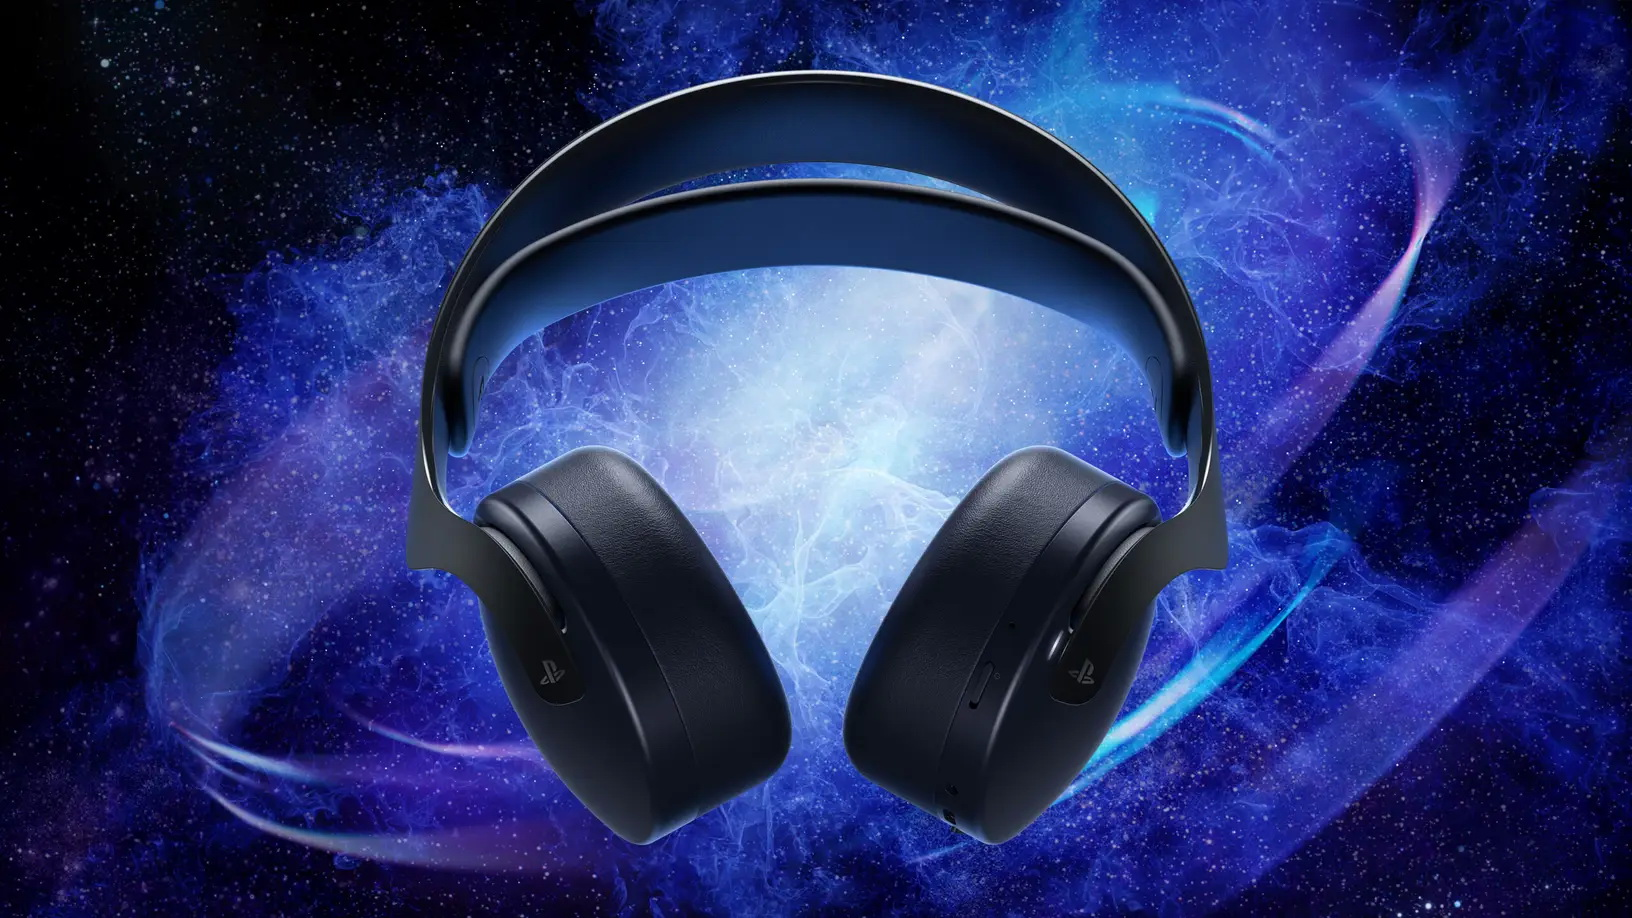 PS5 : Le casque Pulse 3D arrive en édition Midnight Black